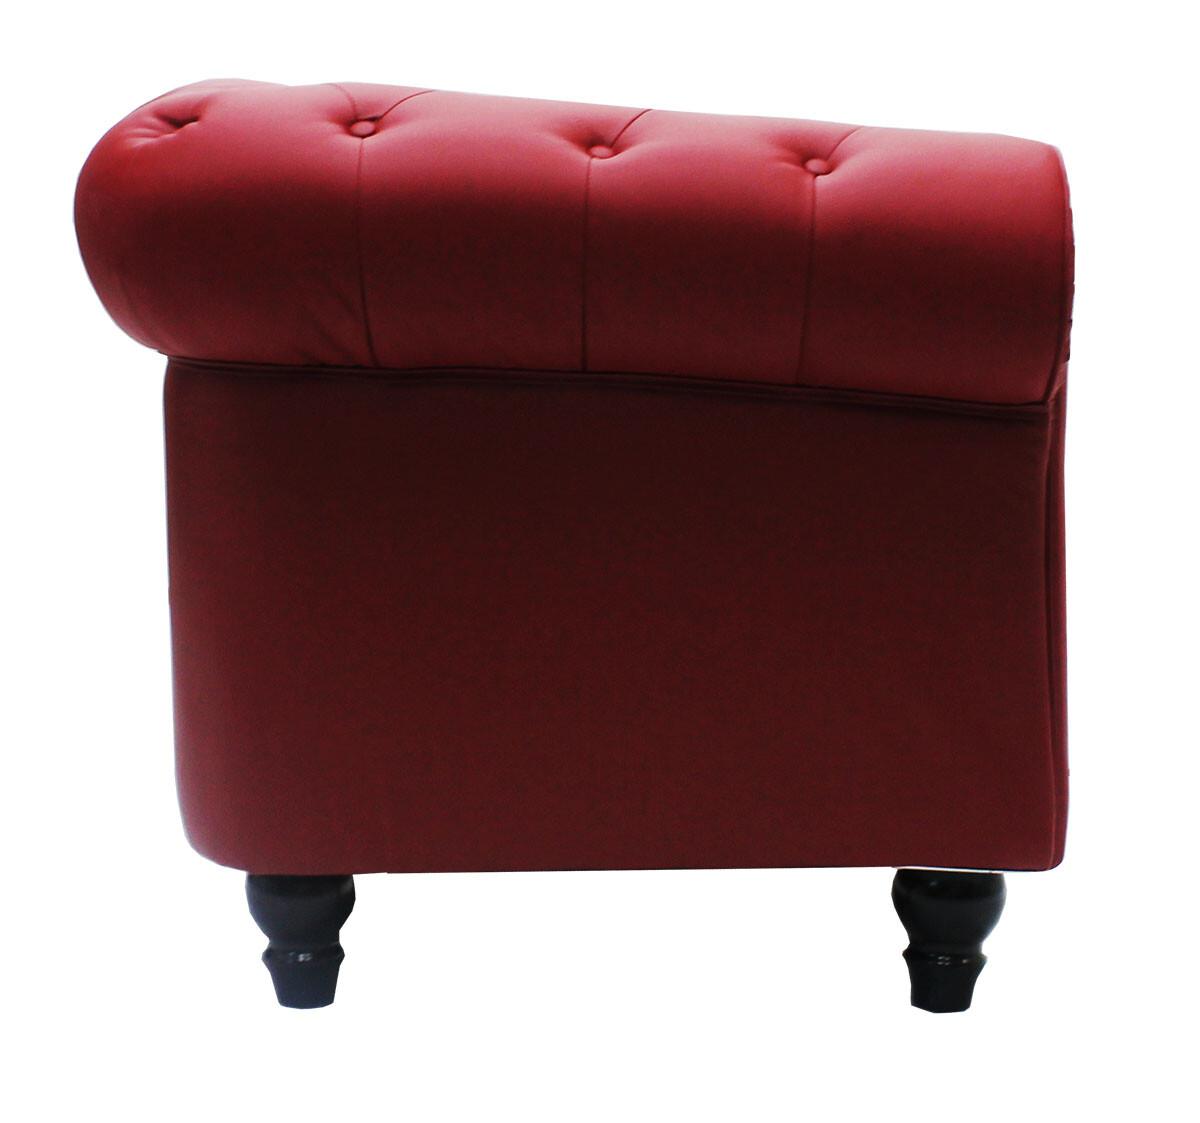 Benjamin Classical 2 Seater PU Leather Sofa In Maroon